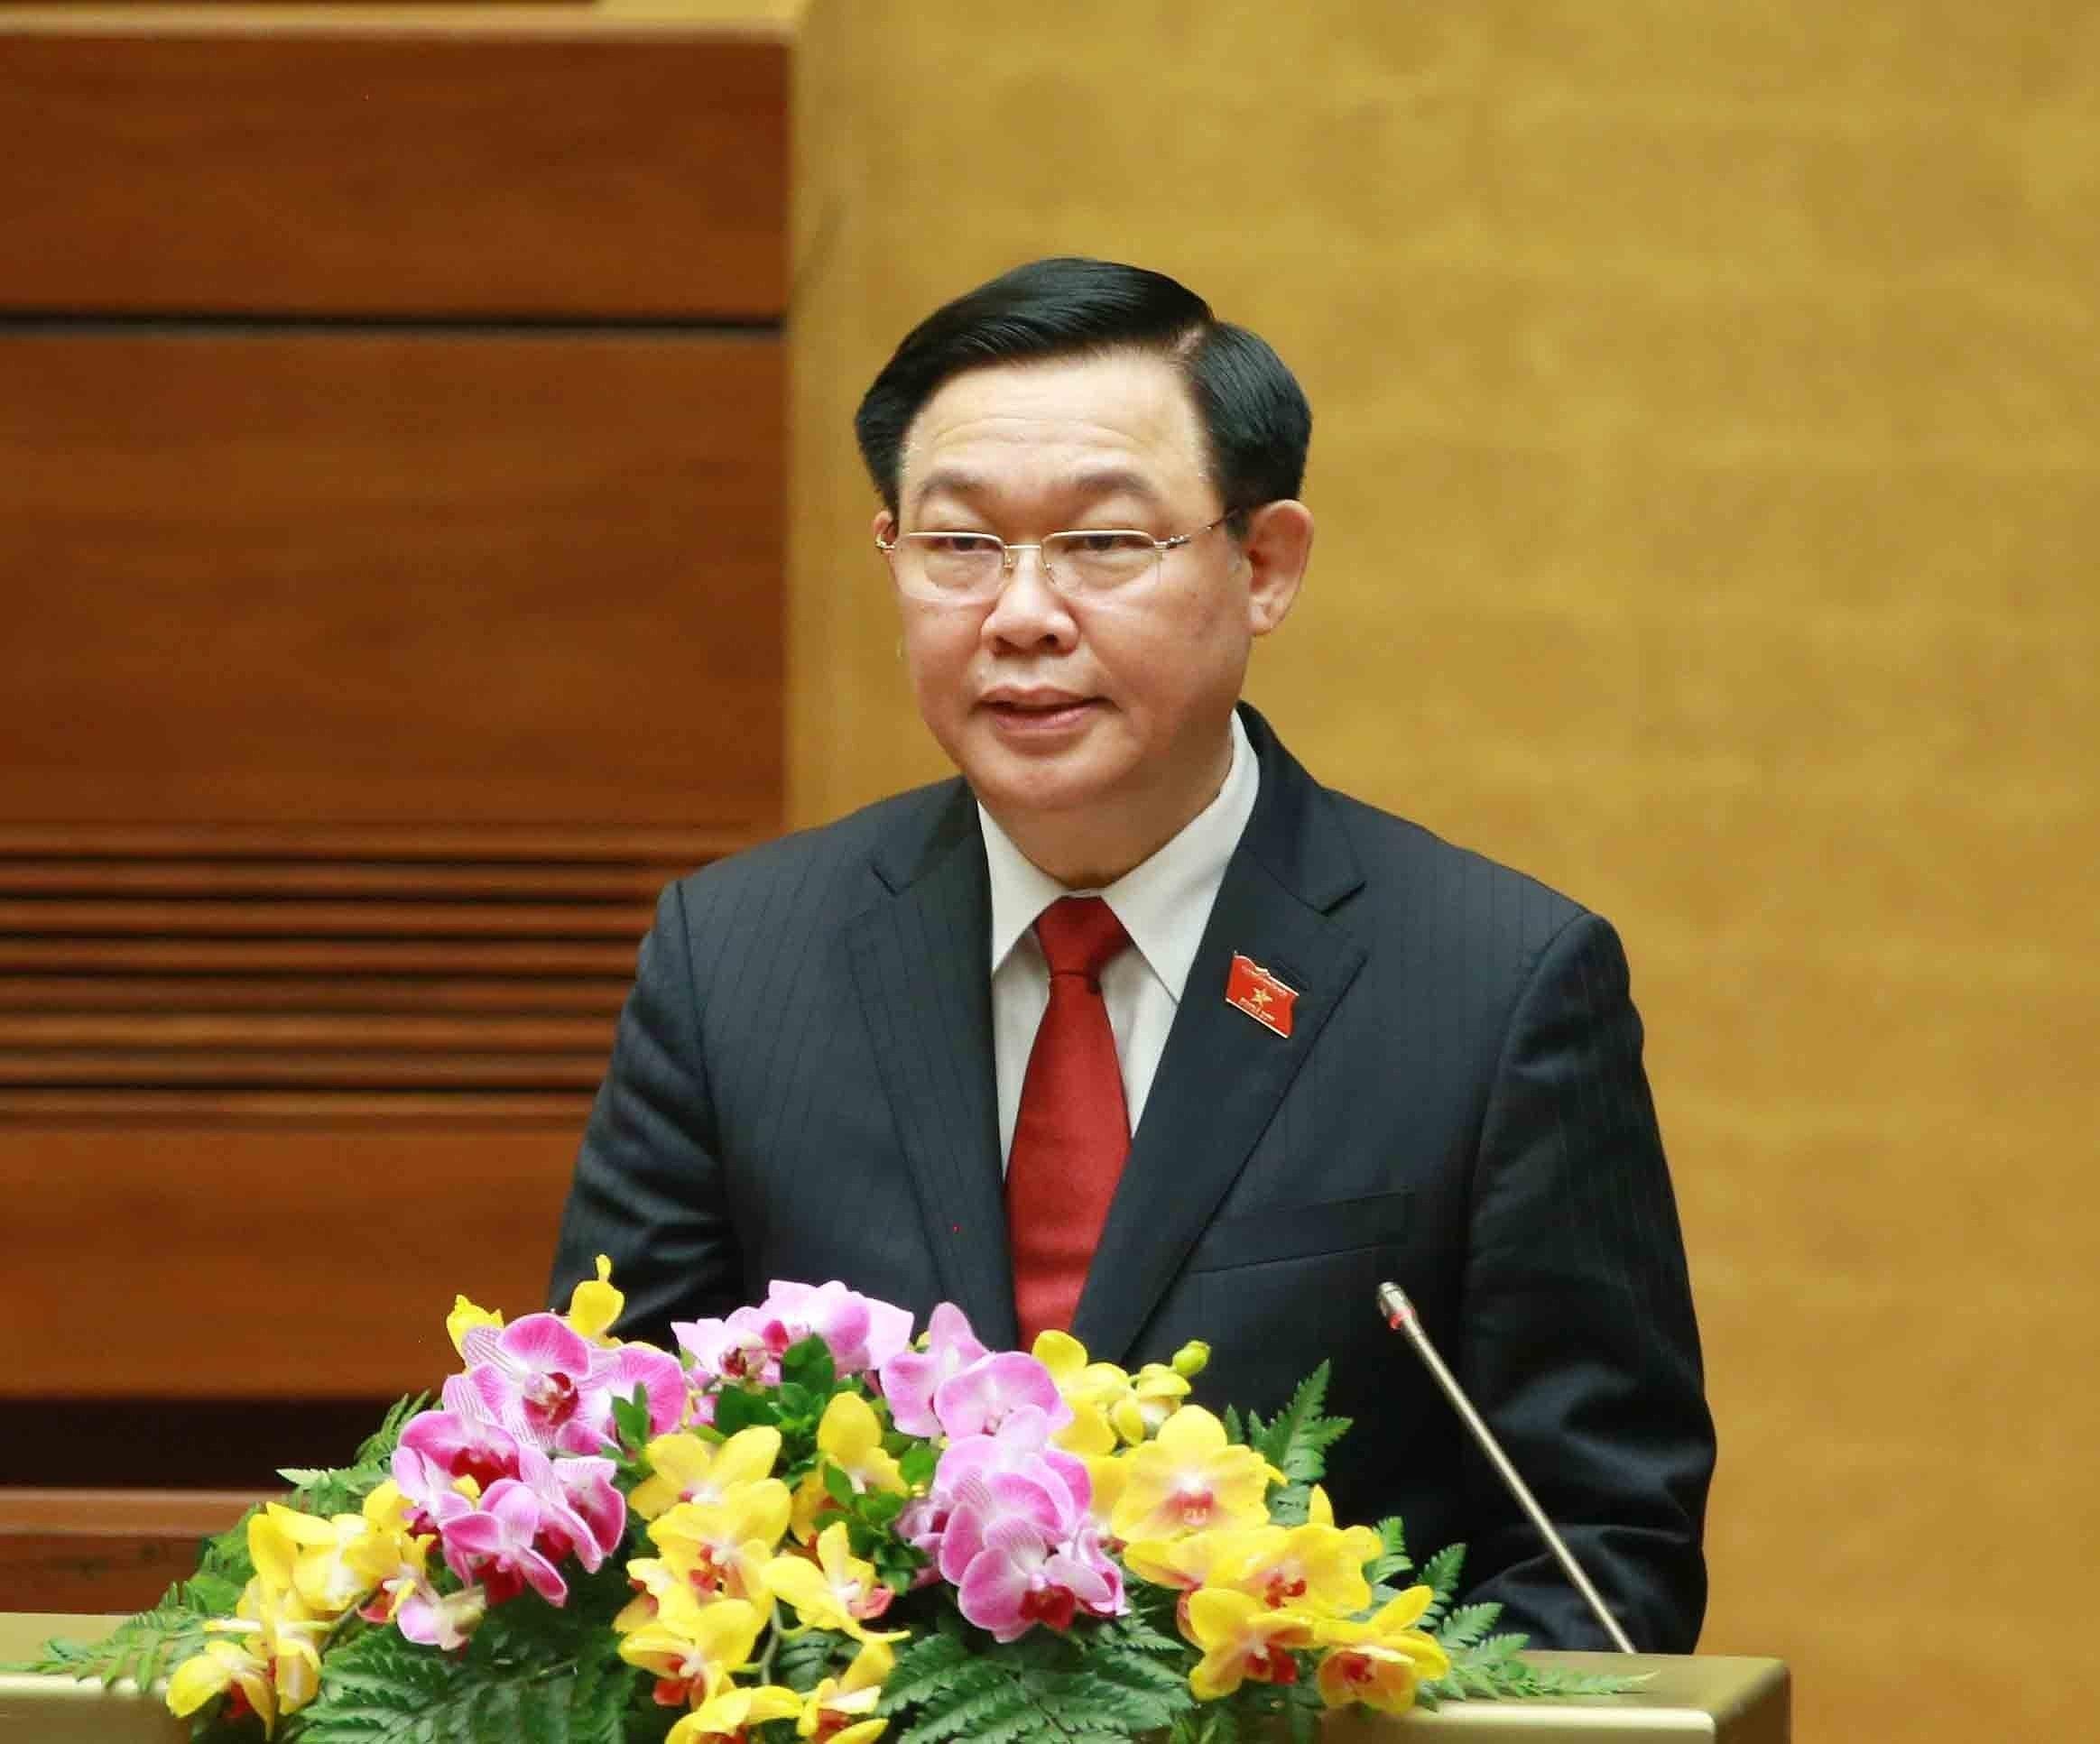 [Photo] Ong Pham Minh Chinh tuyen the nham chuc Thu tuong Chinh phu hinh anh 7